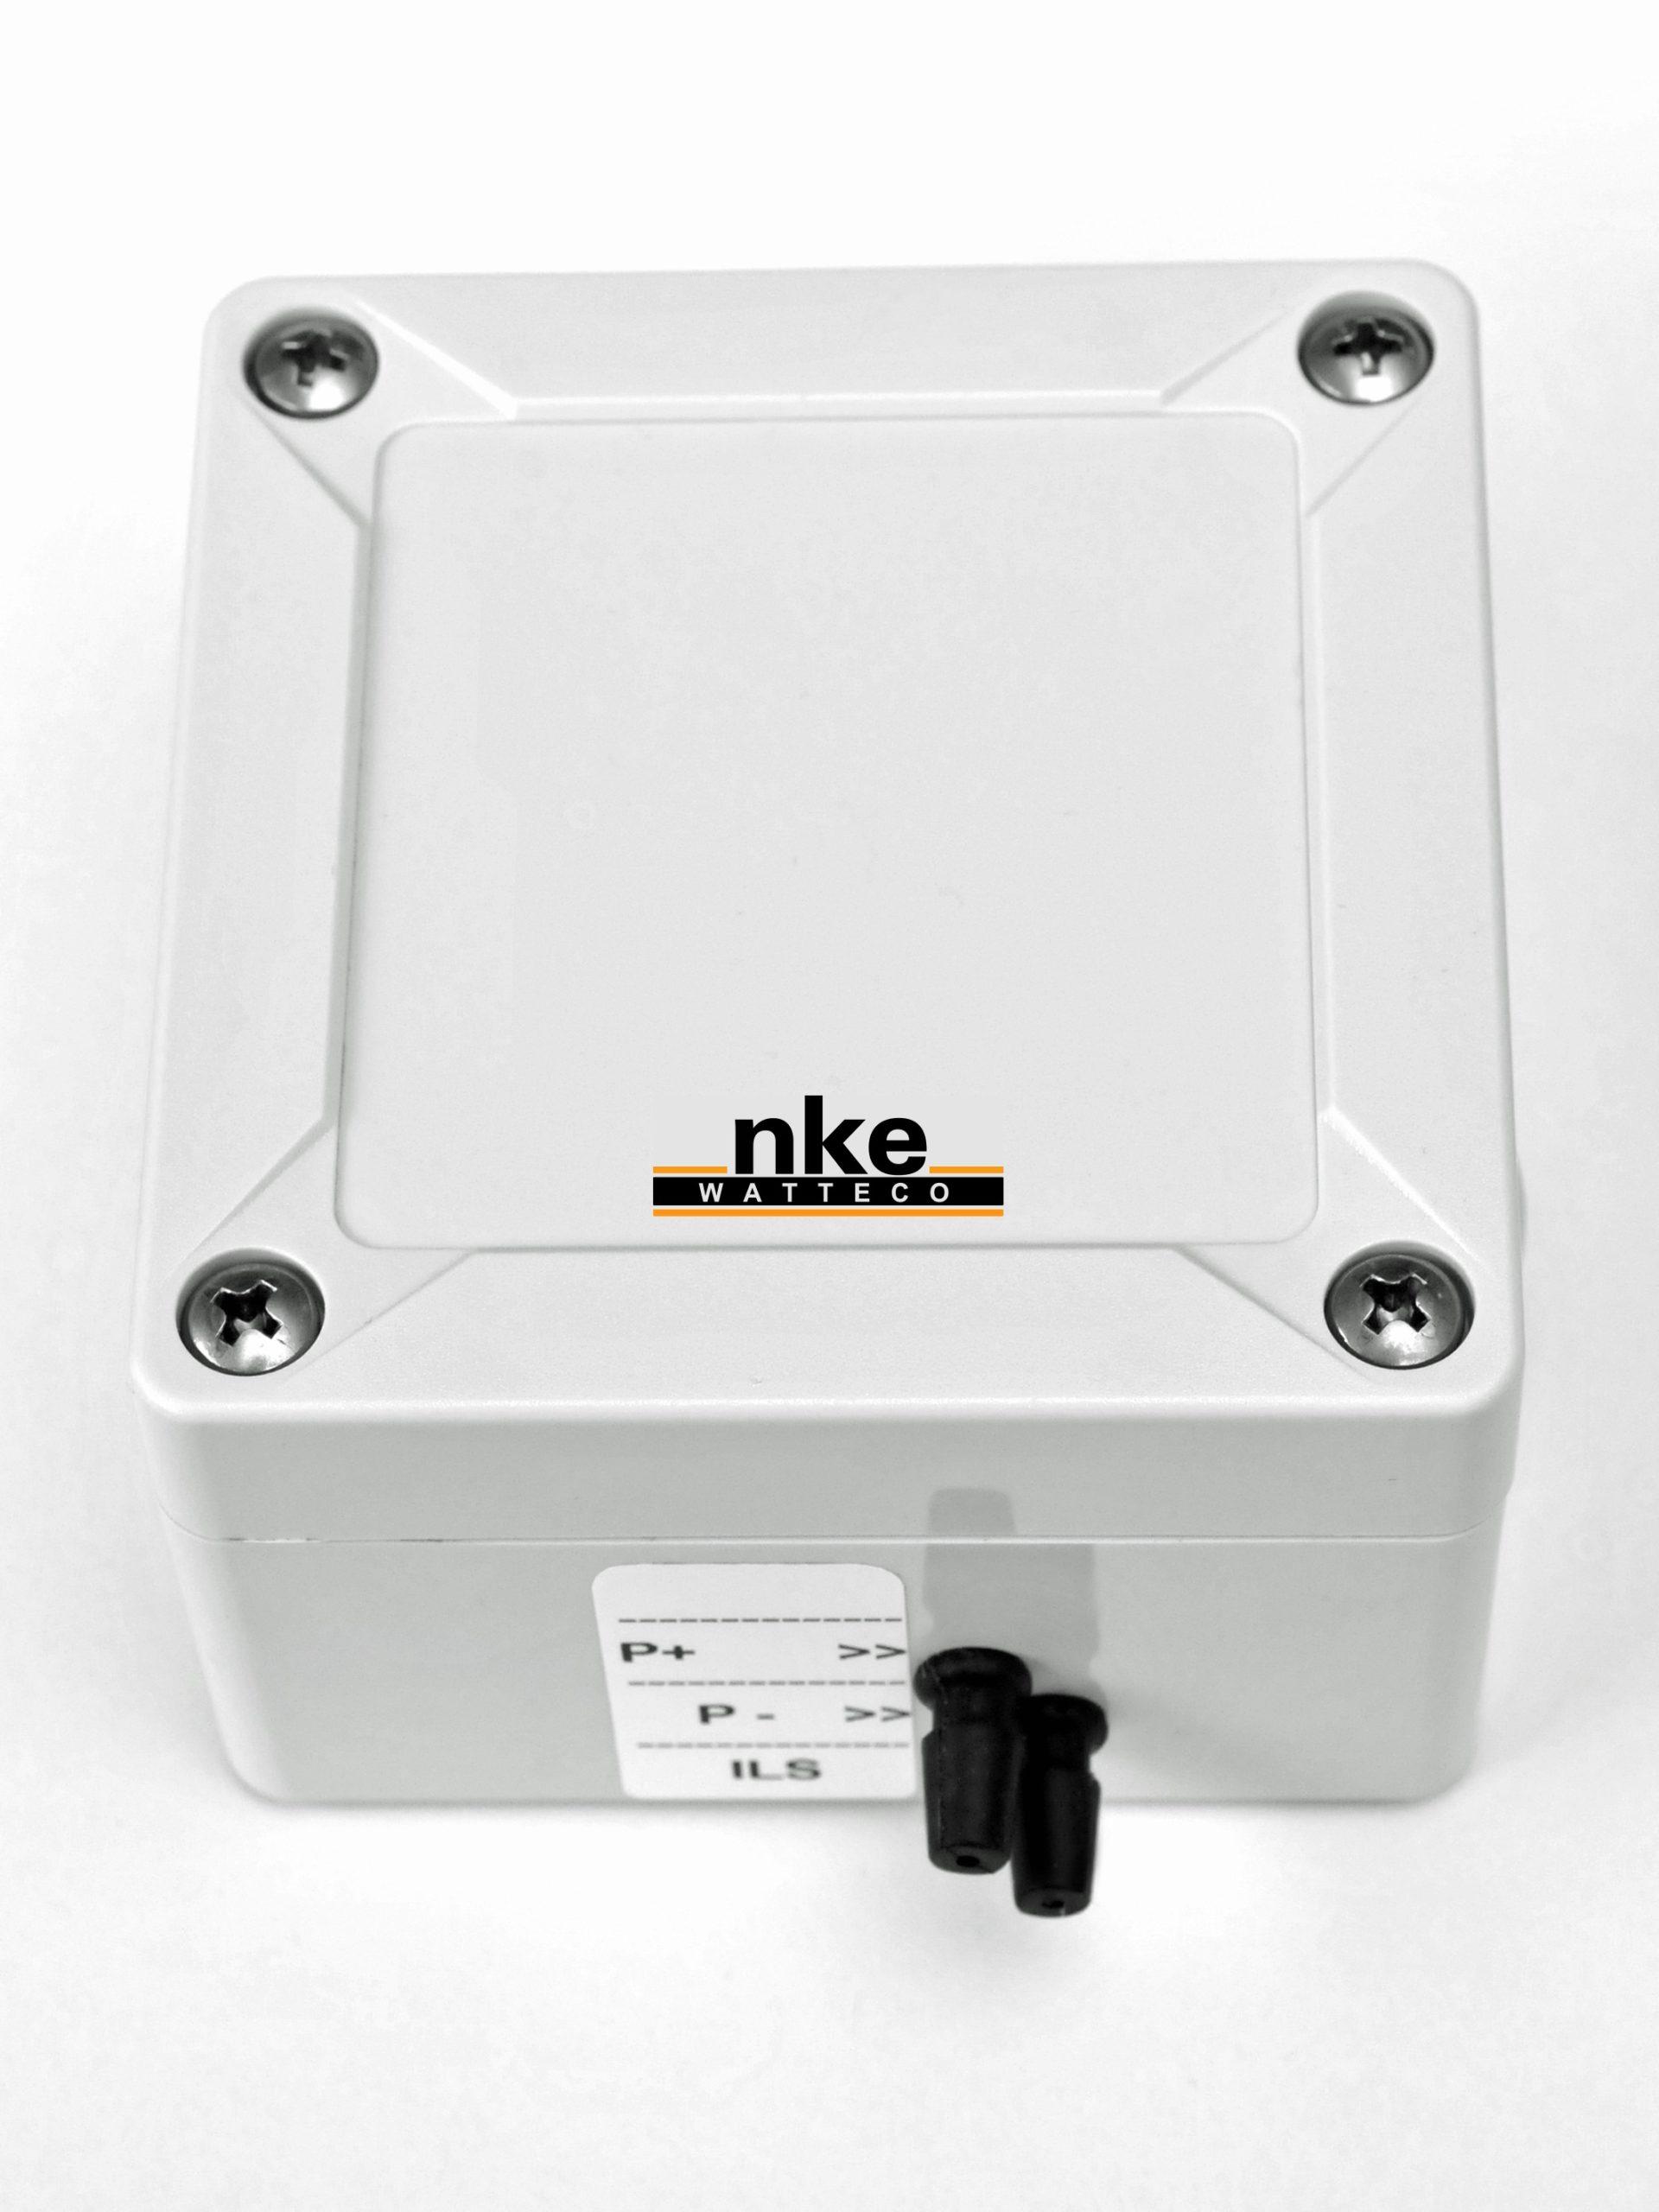 Nouveau produit : le capteur de ventilation SigFox